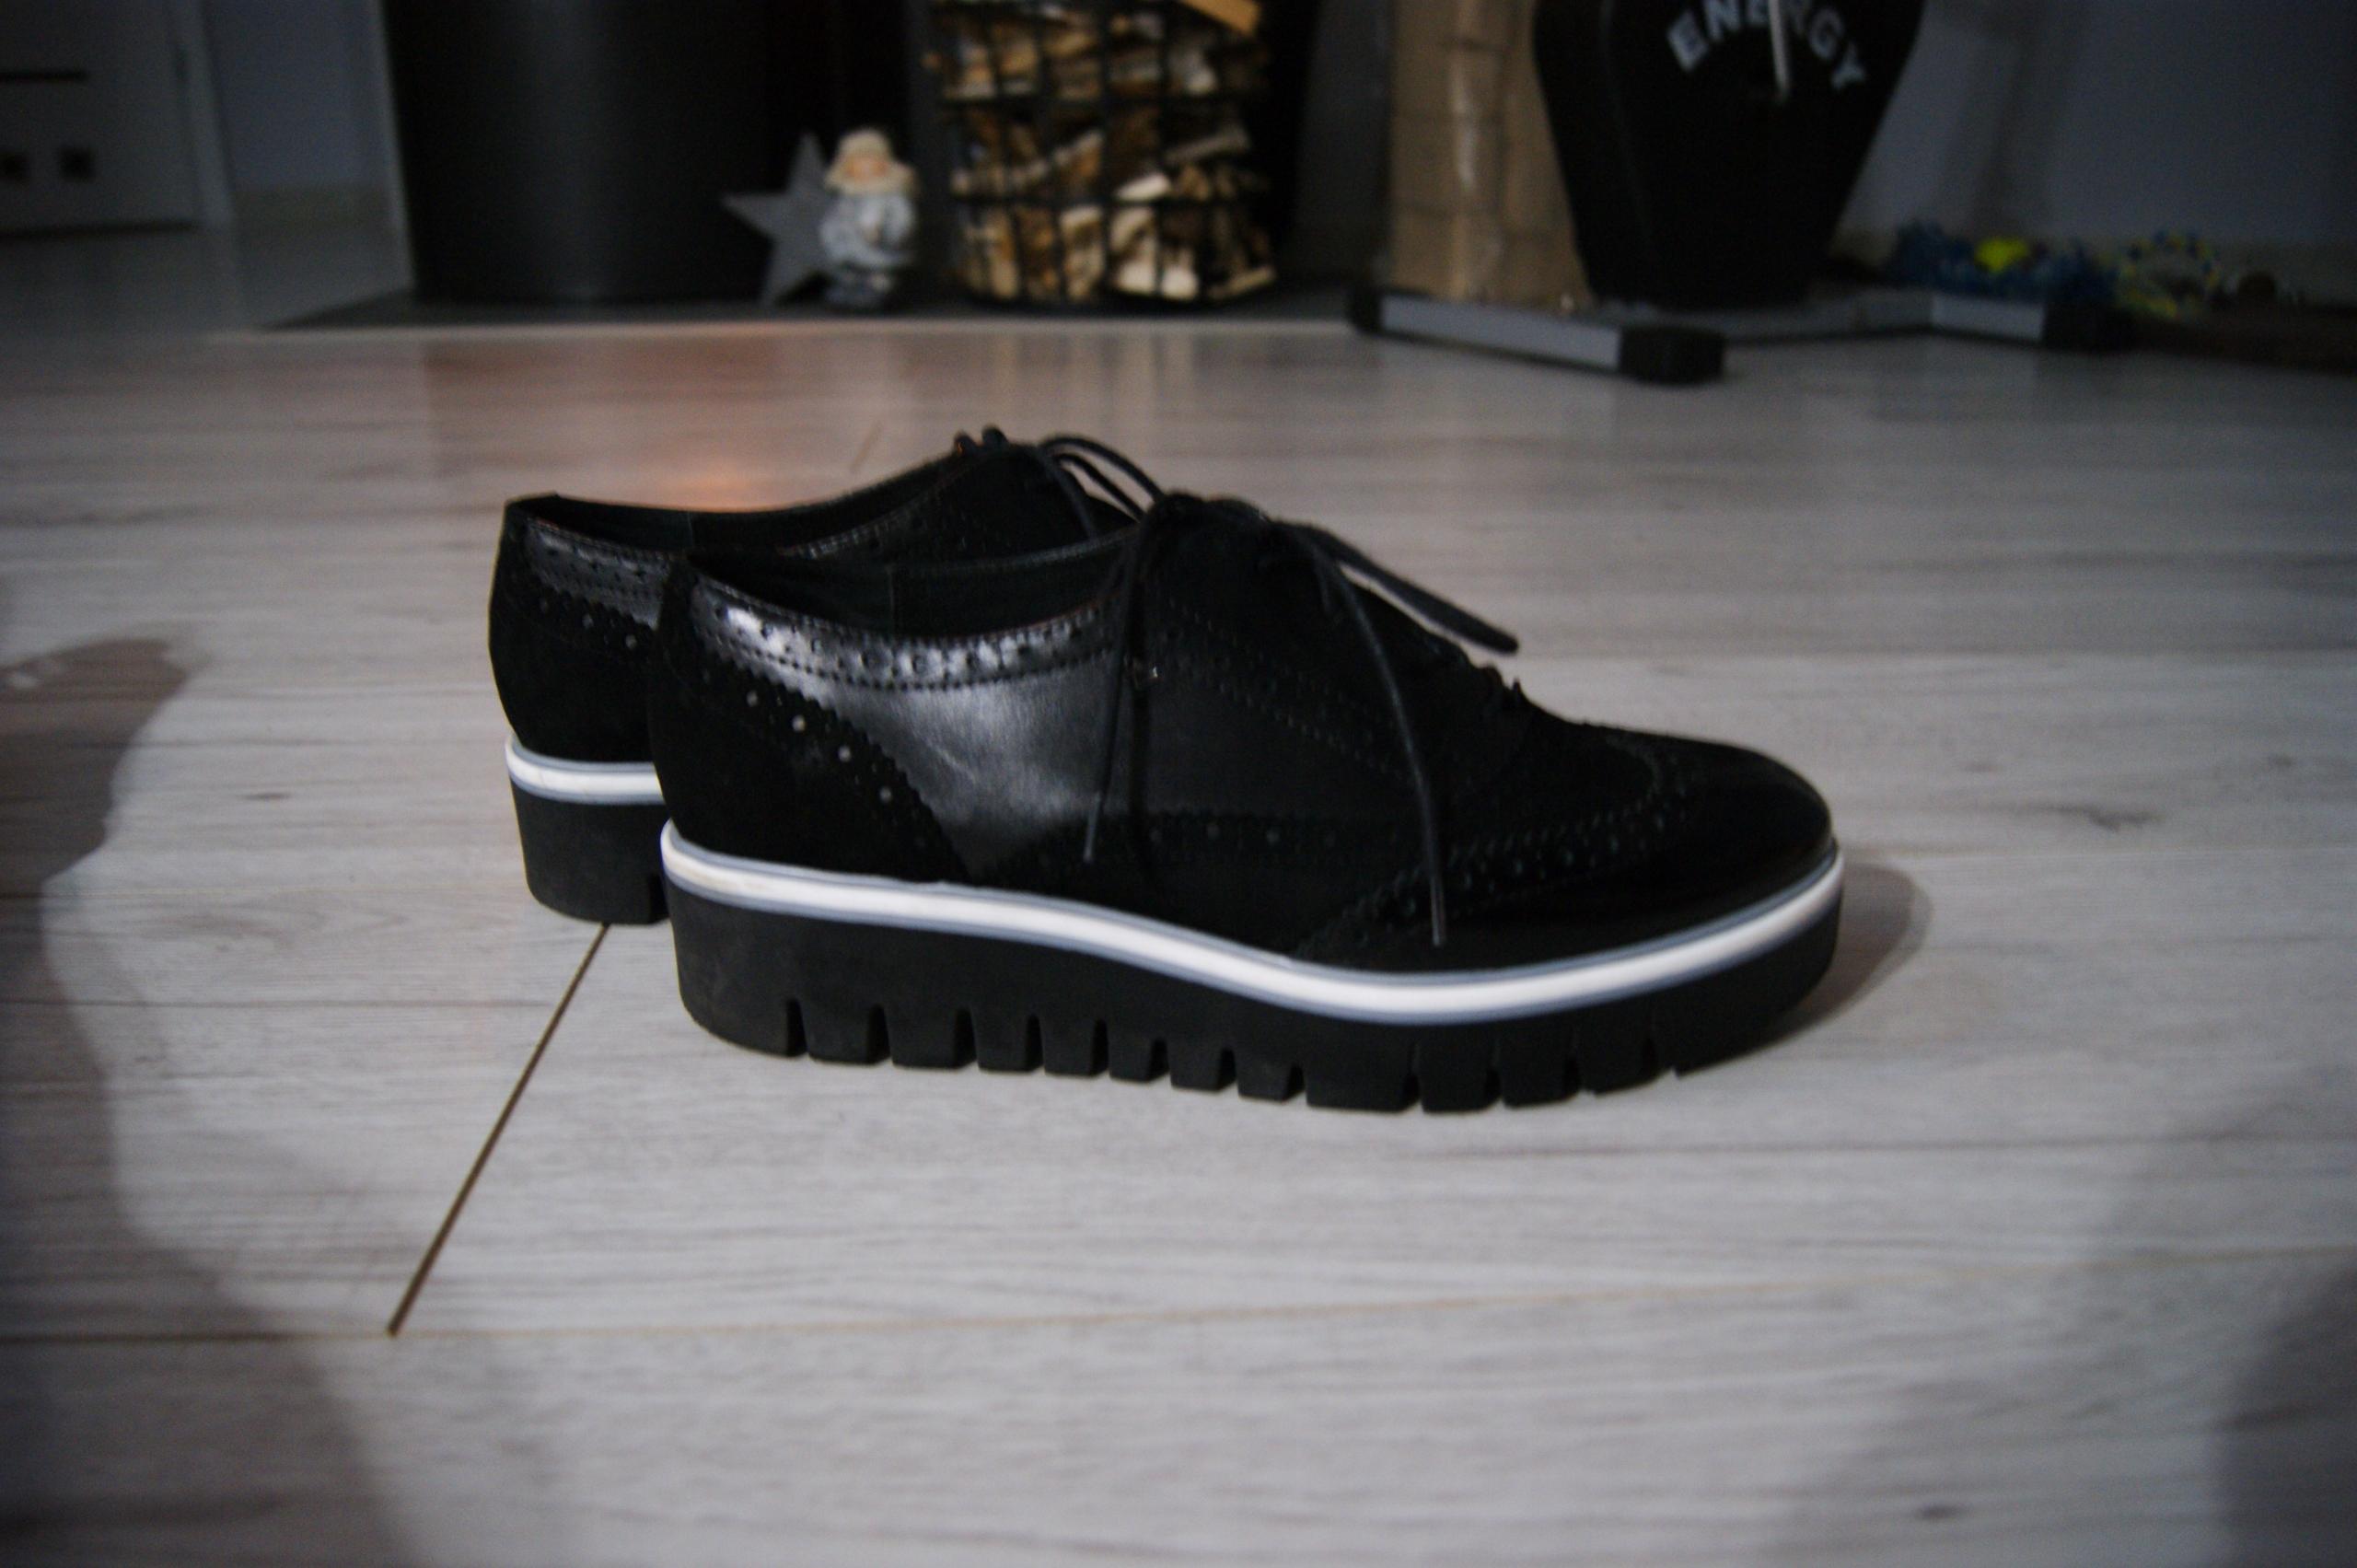 e3715cc2 WOJAS czarne lakierowane buty na platformie 39 - 7717412524 ...